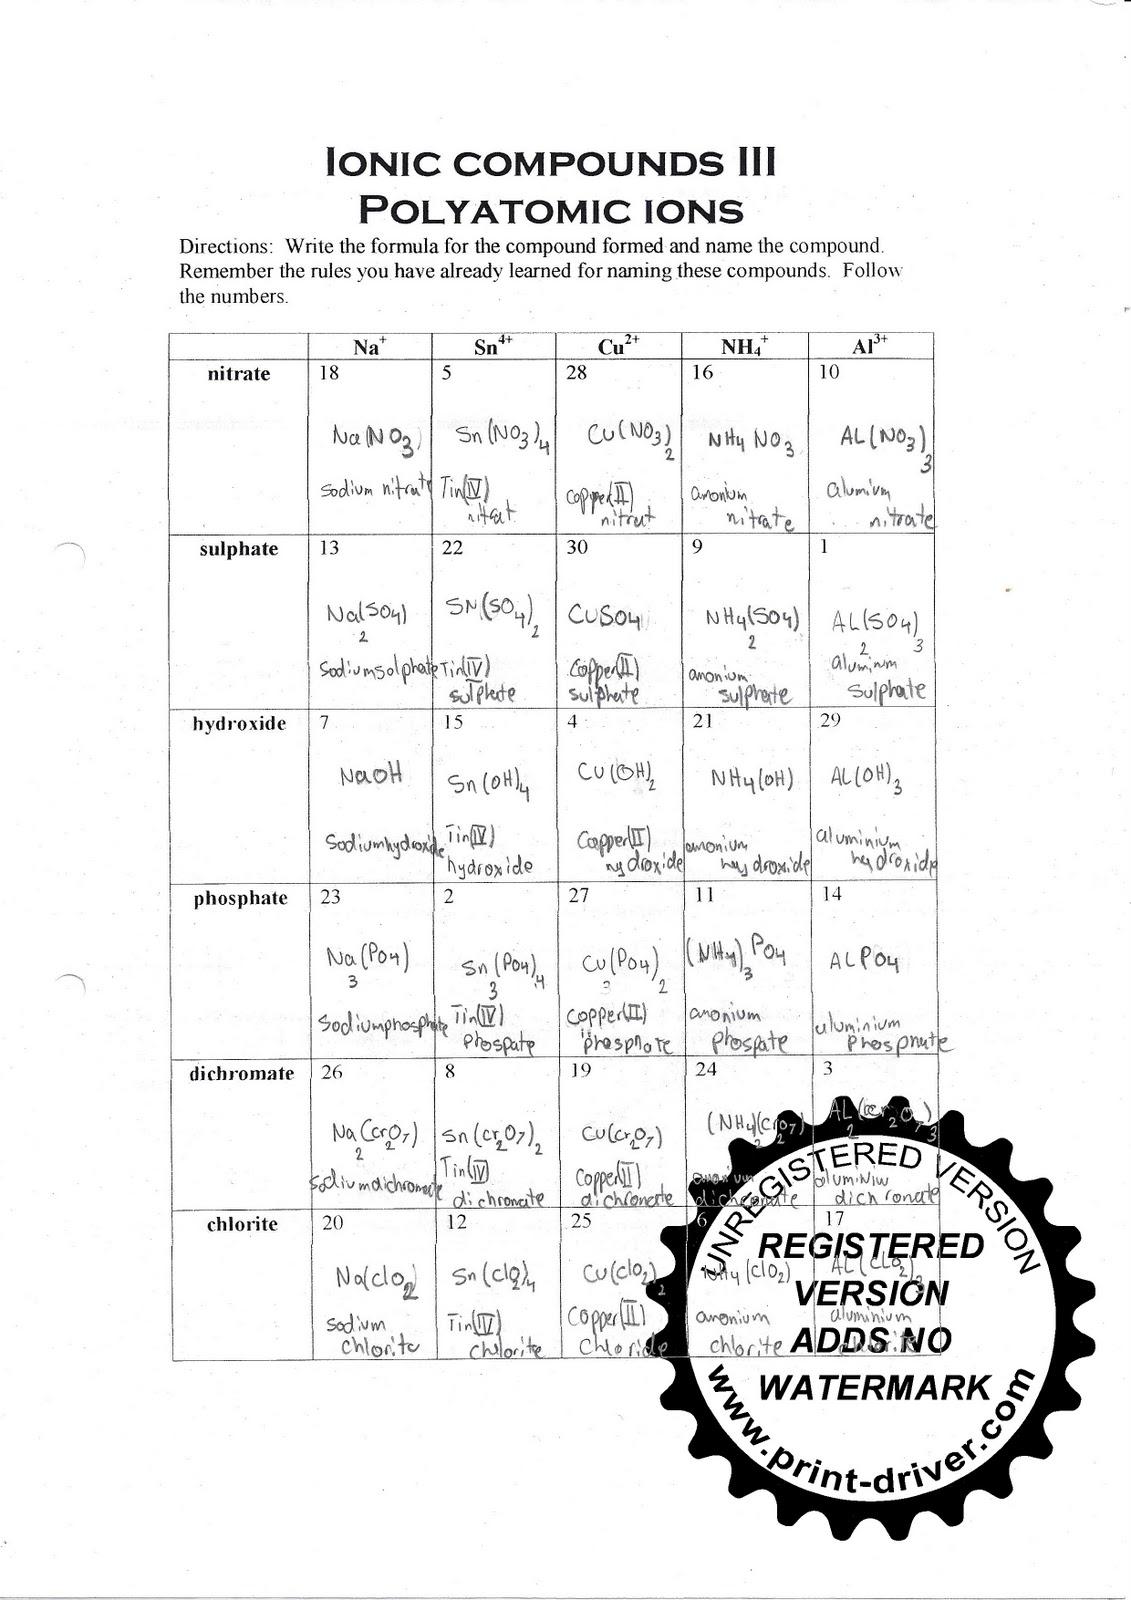 Mr Zehner S Chemistry Class December